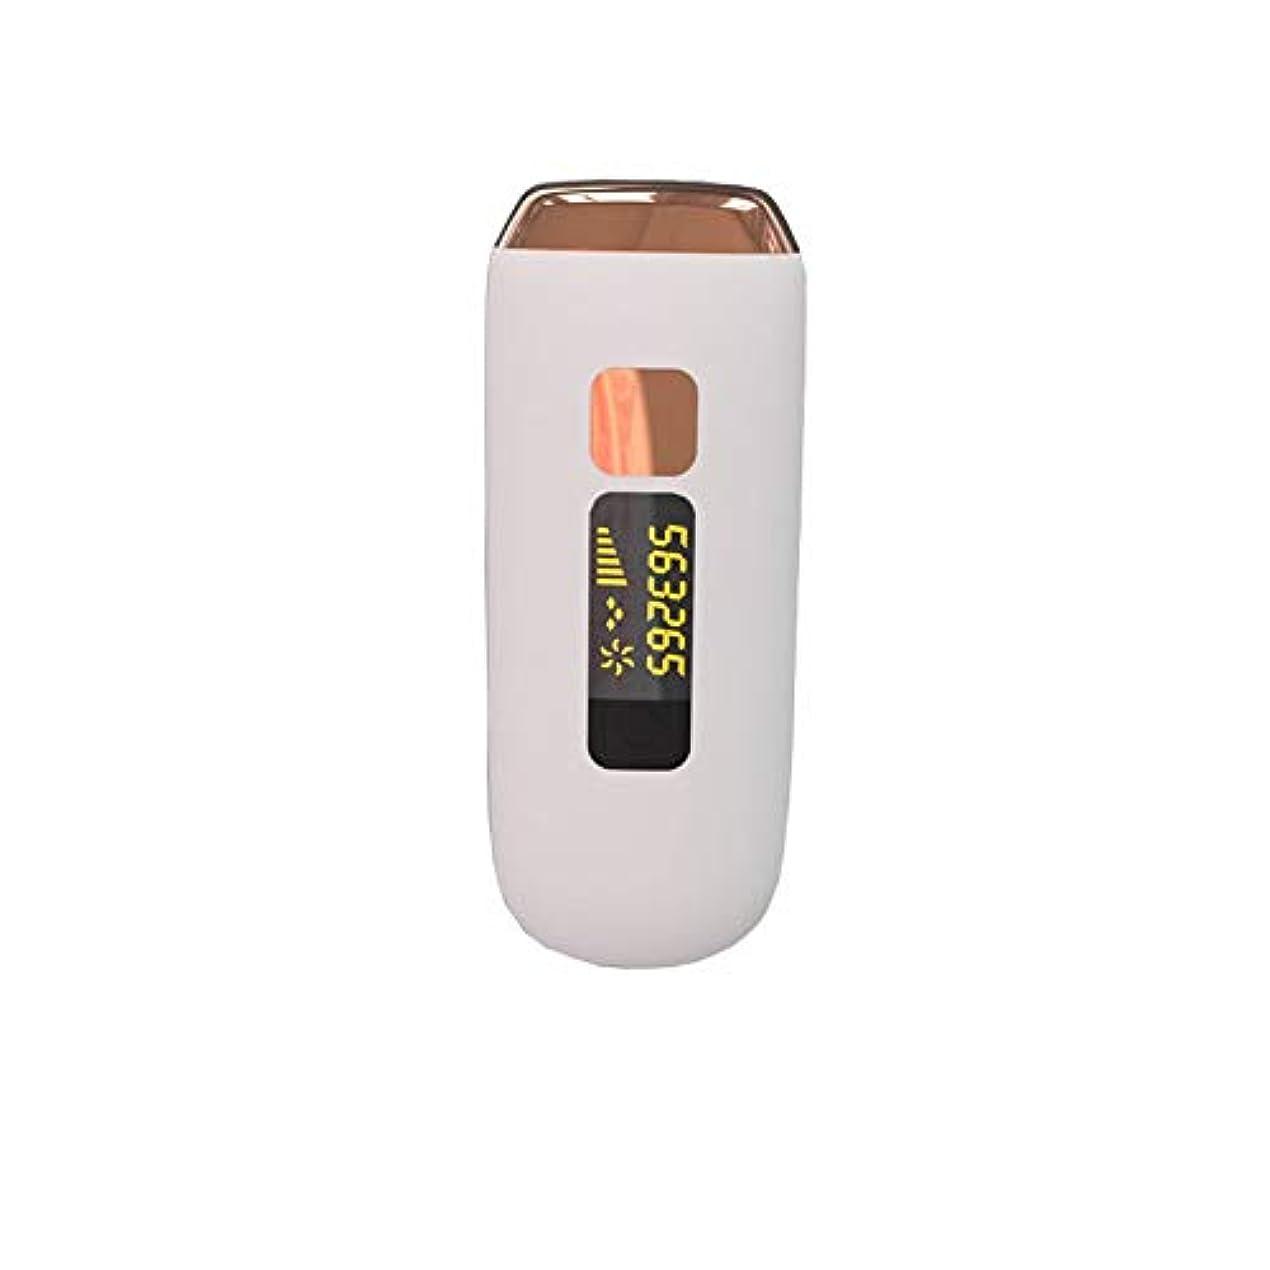 消化器カフェリラックス鼻体フェイス脚のためのヘアリムーバー充電式カミソリレディ剃毛脱毛防水エピレーター